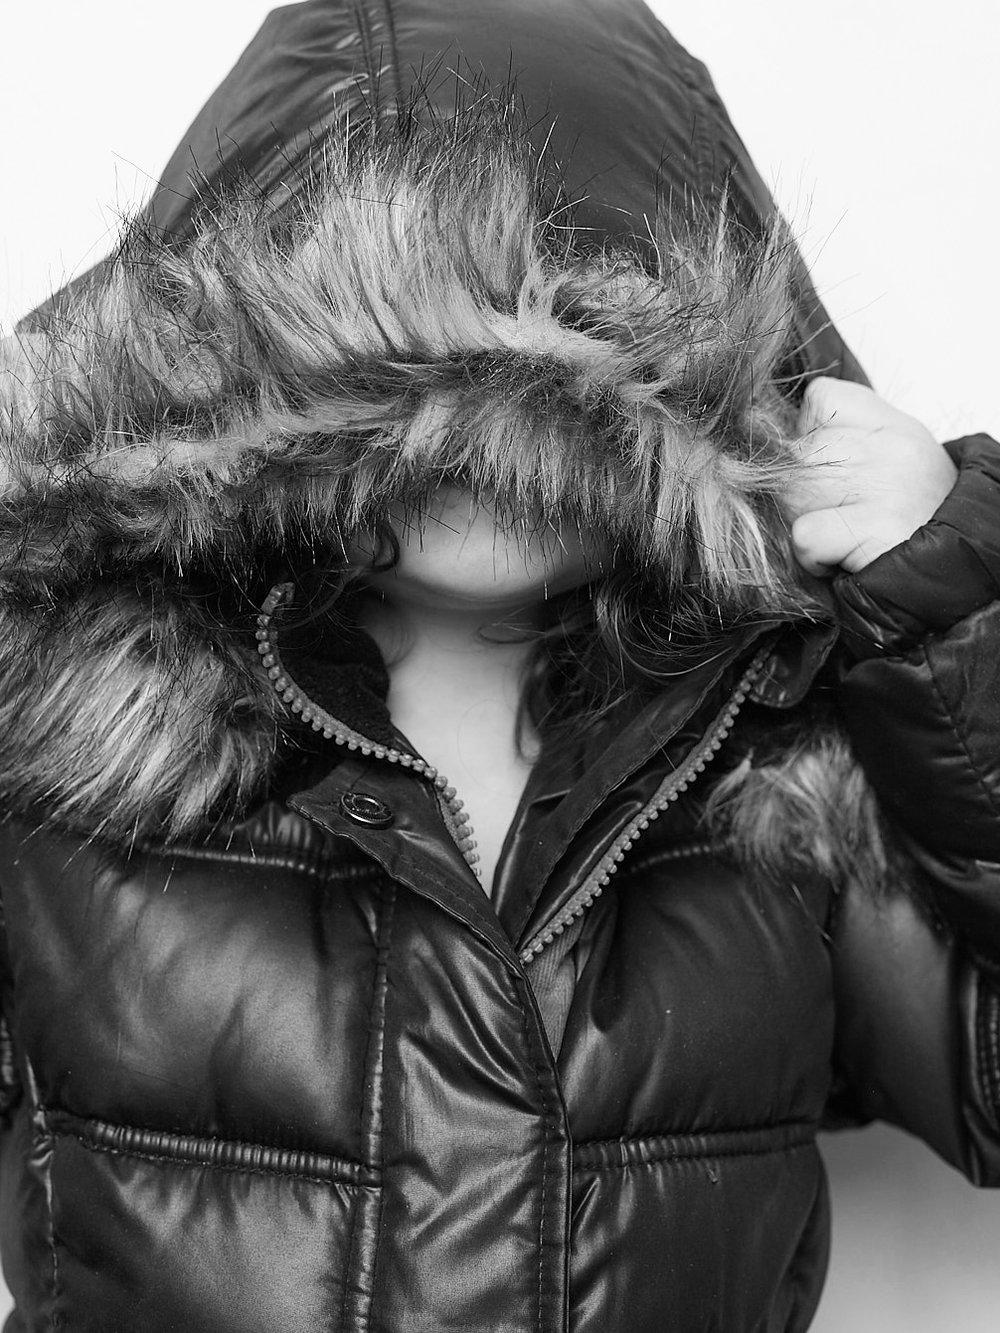 puffy-jacket-01-ryanpavlovichphotogrpahy.jpg